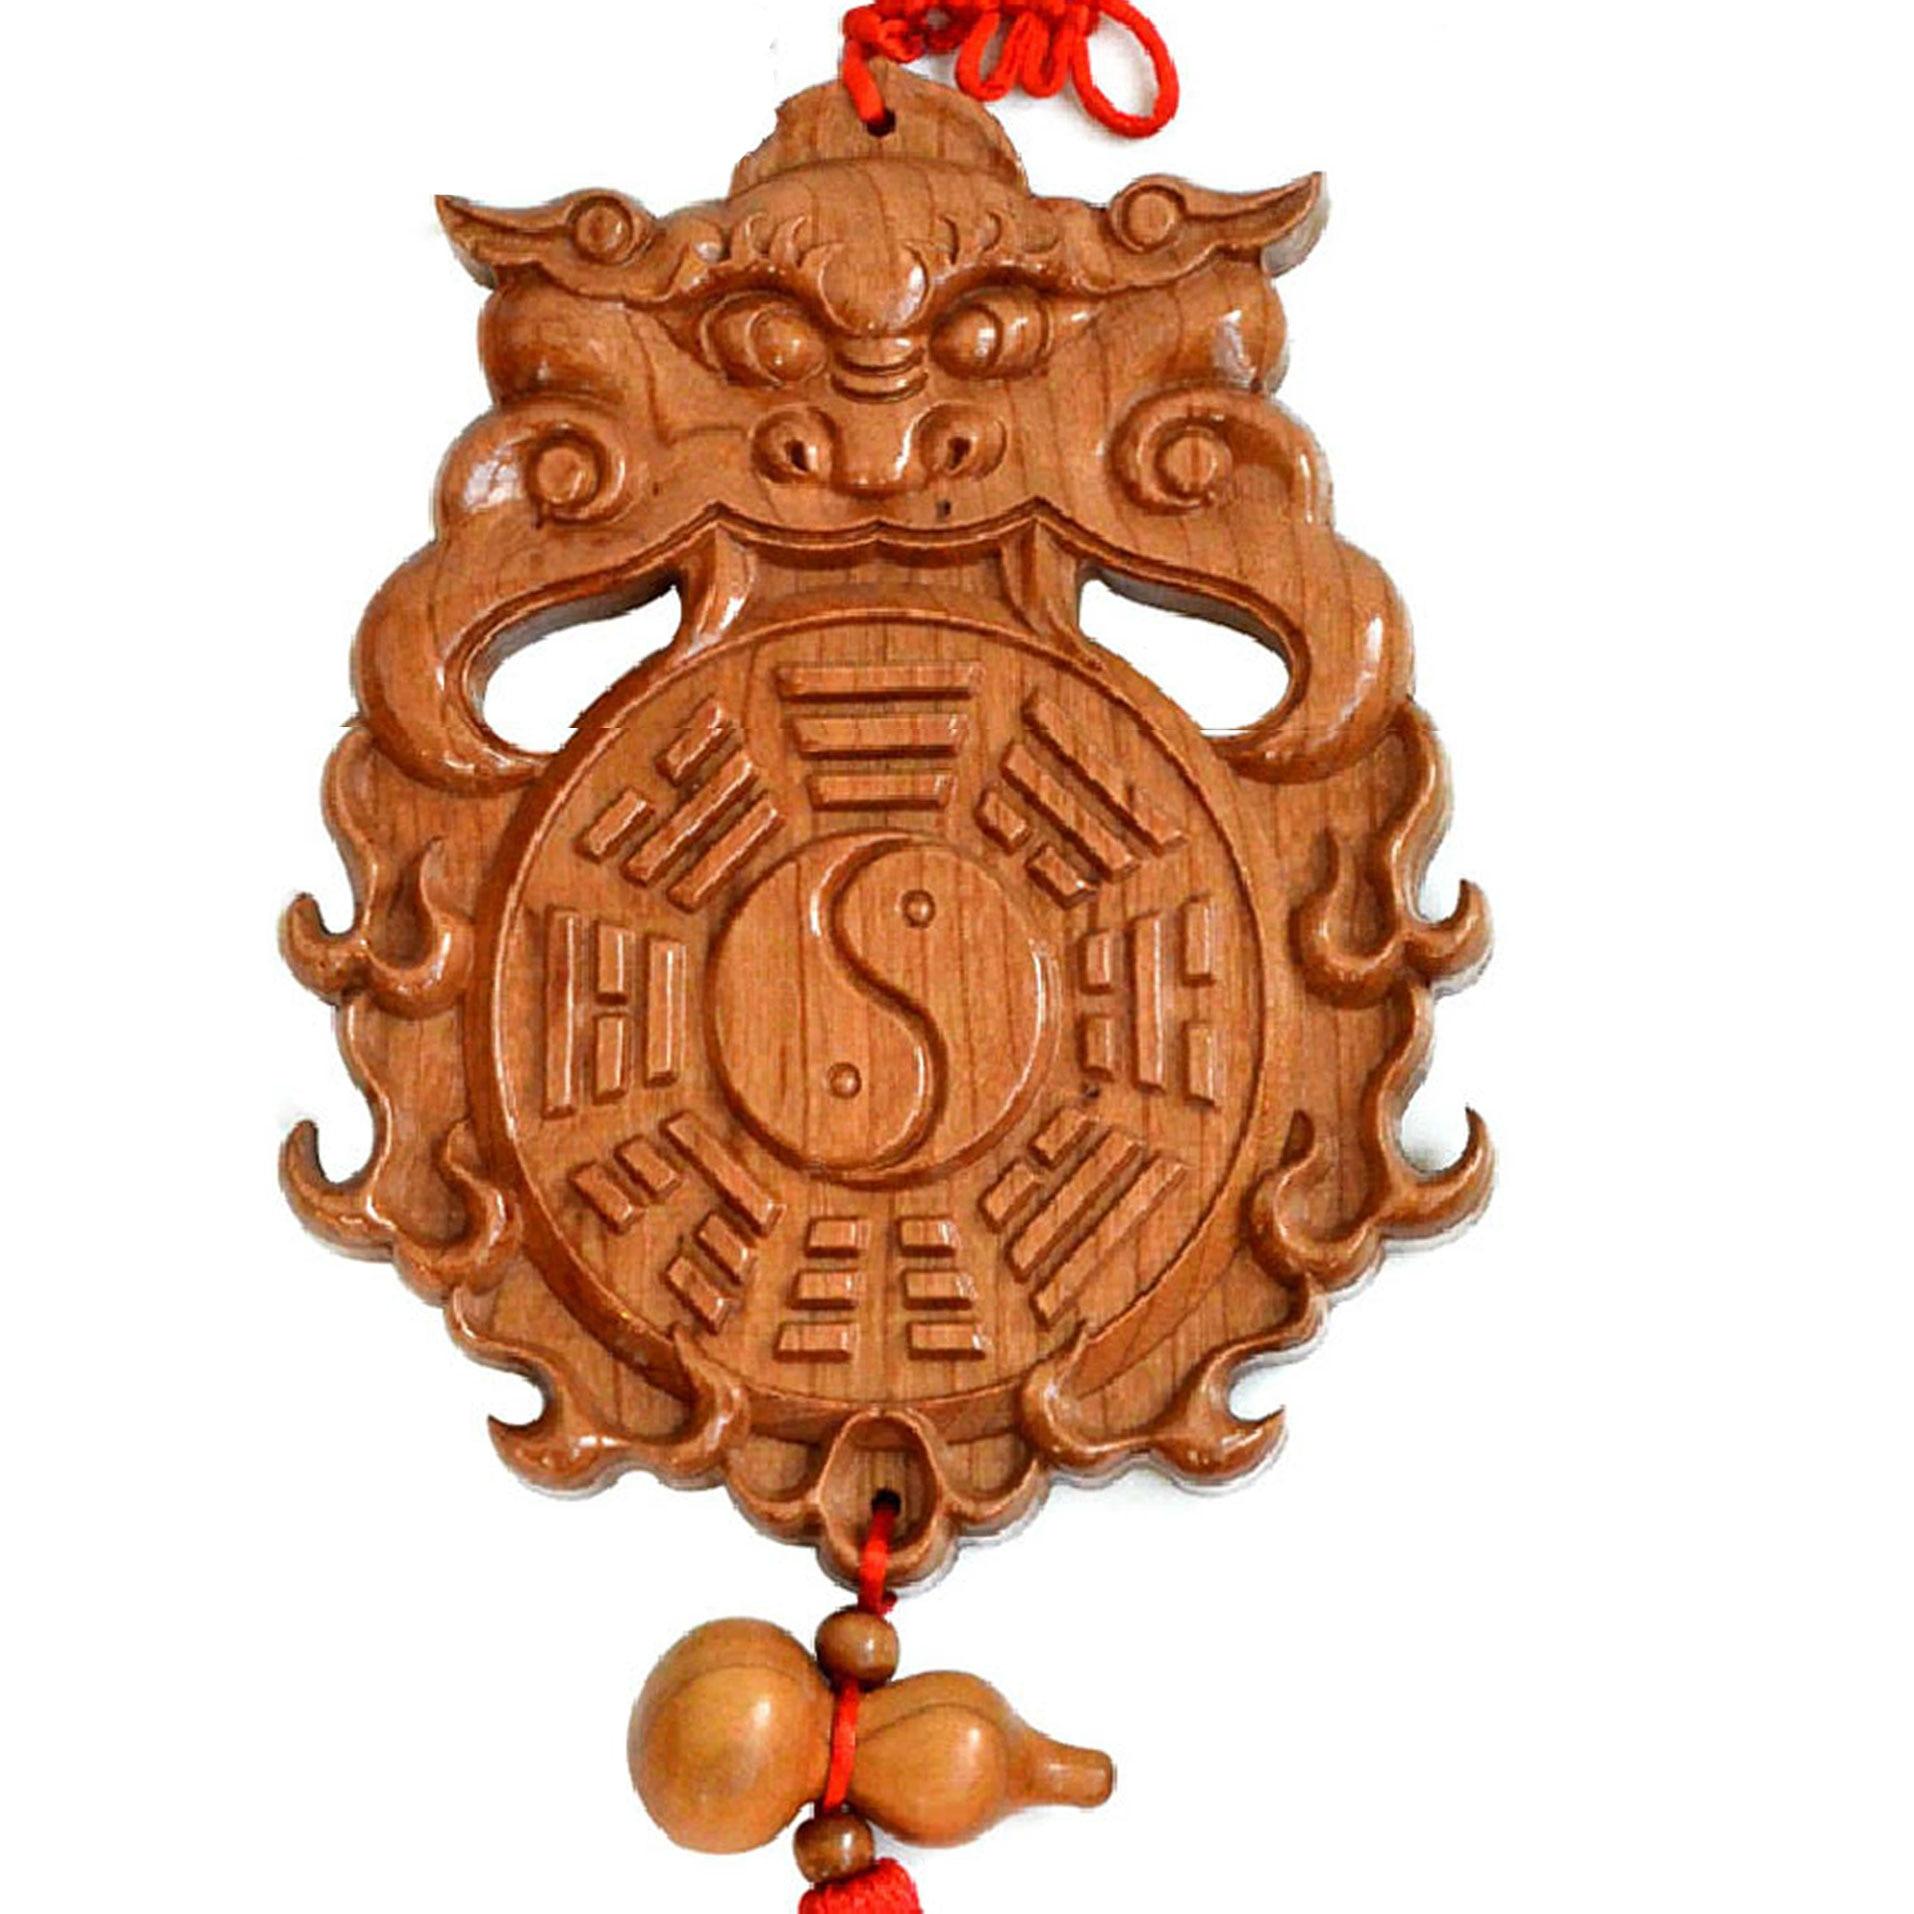 shoutou bagua miroir salle de bains pendentif gourde sur la porte de la porte de la - Feng Shui Chambre Miroir